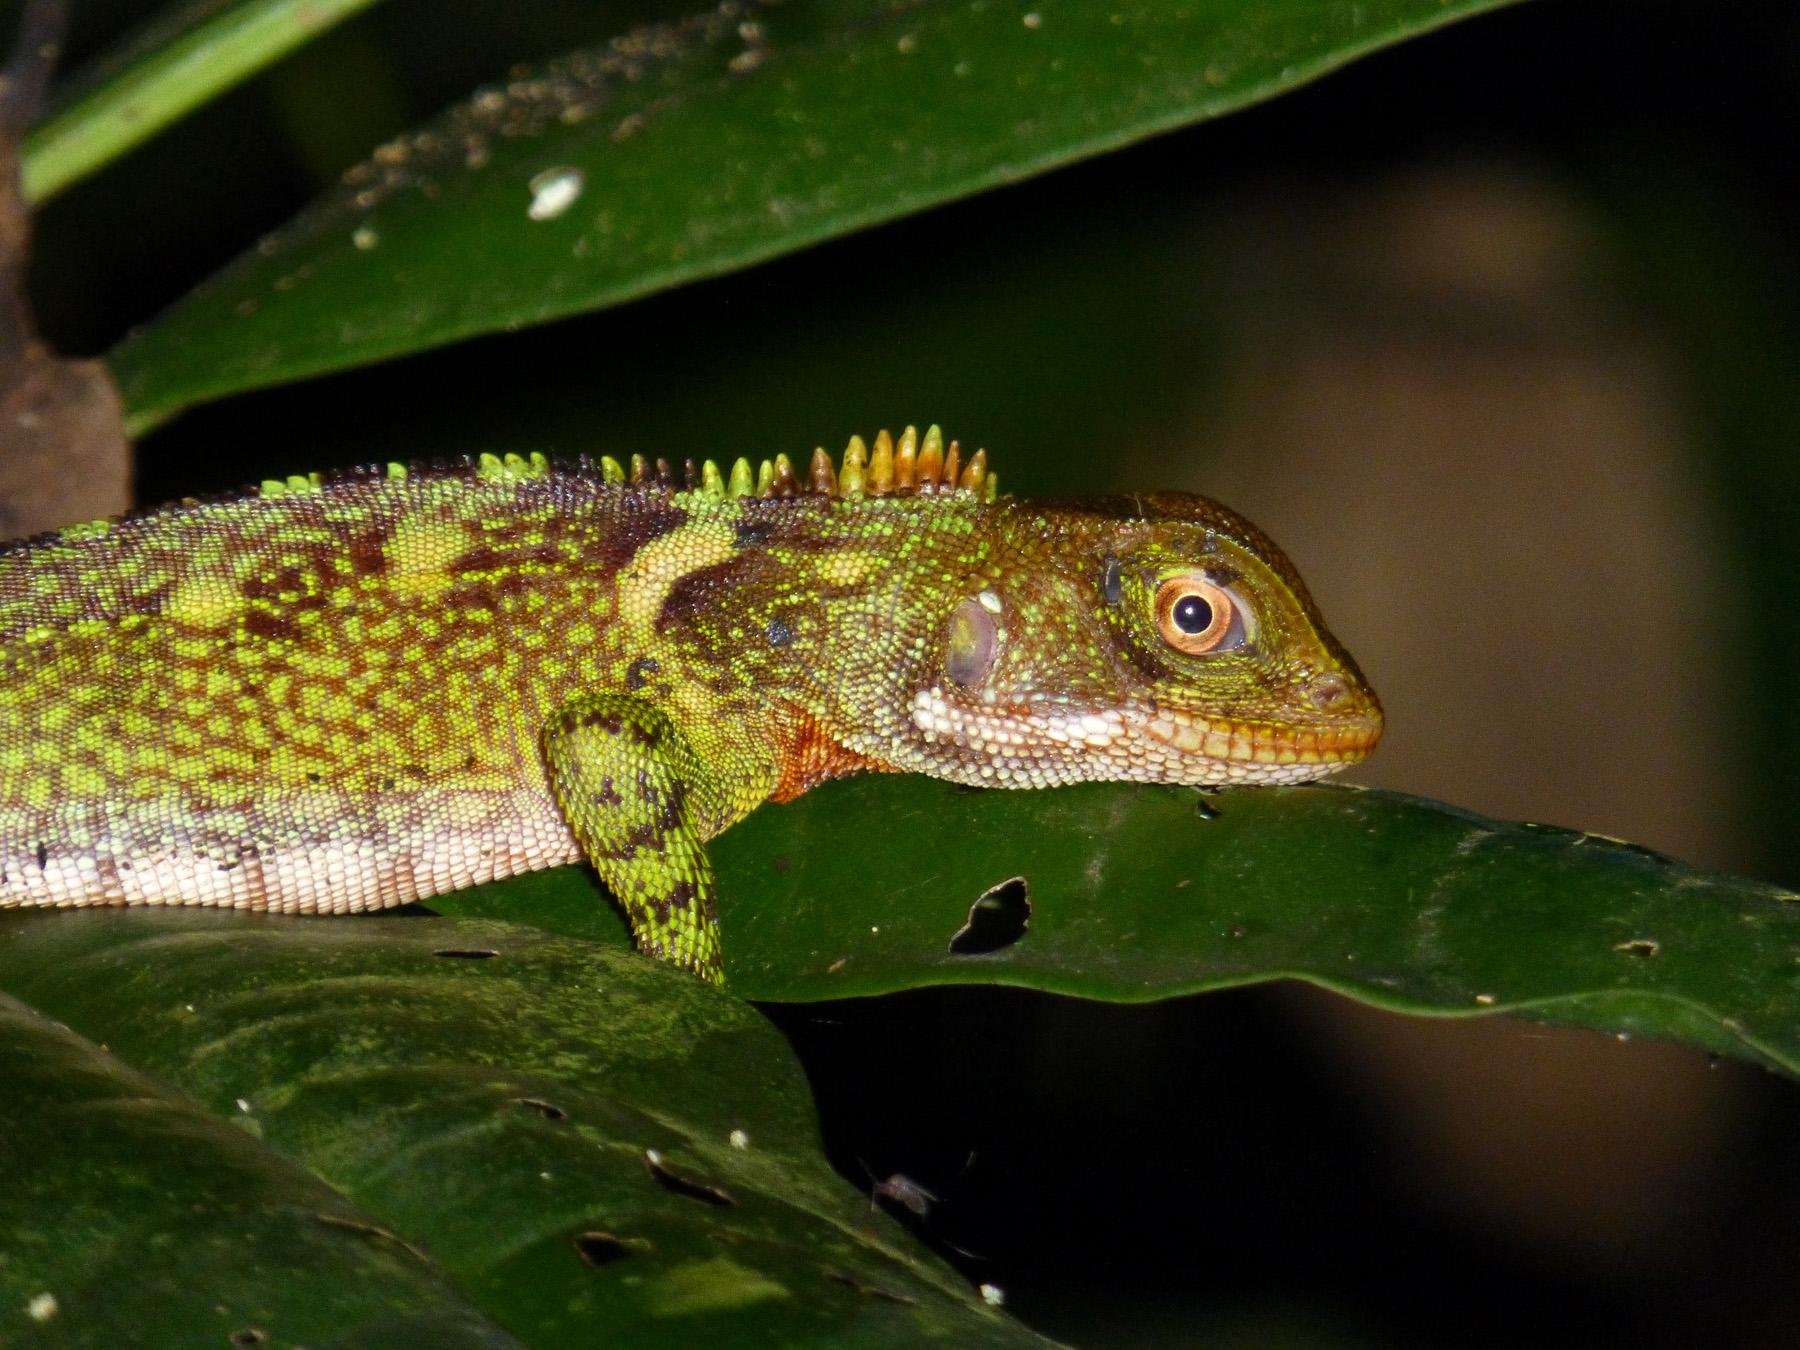 Iguanid